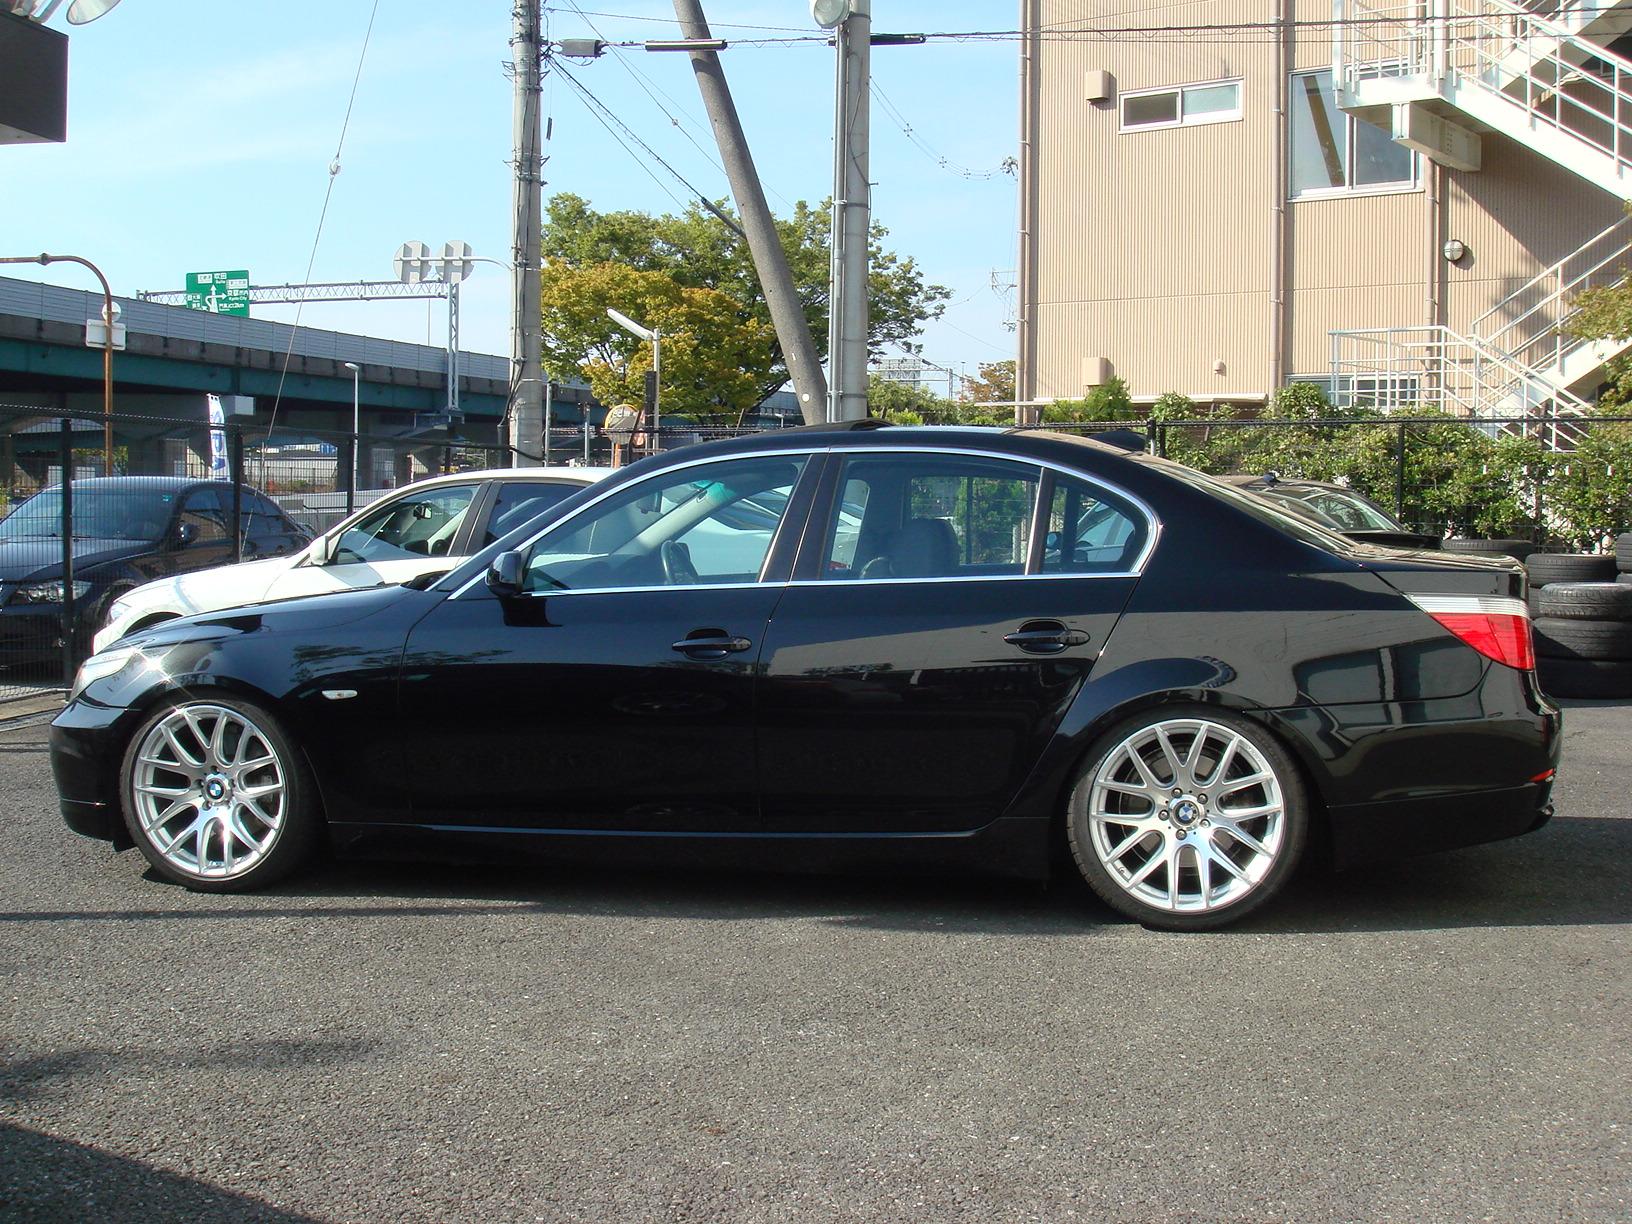 BMW 530i ハイラインパッケージ サンルーフ 後期エンジン車両画像08